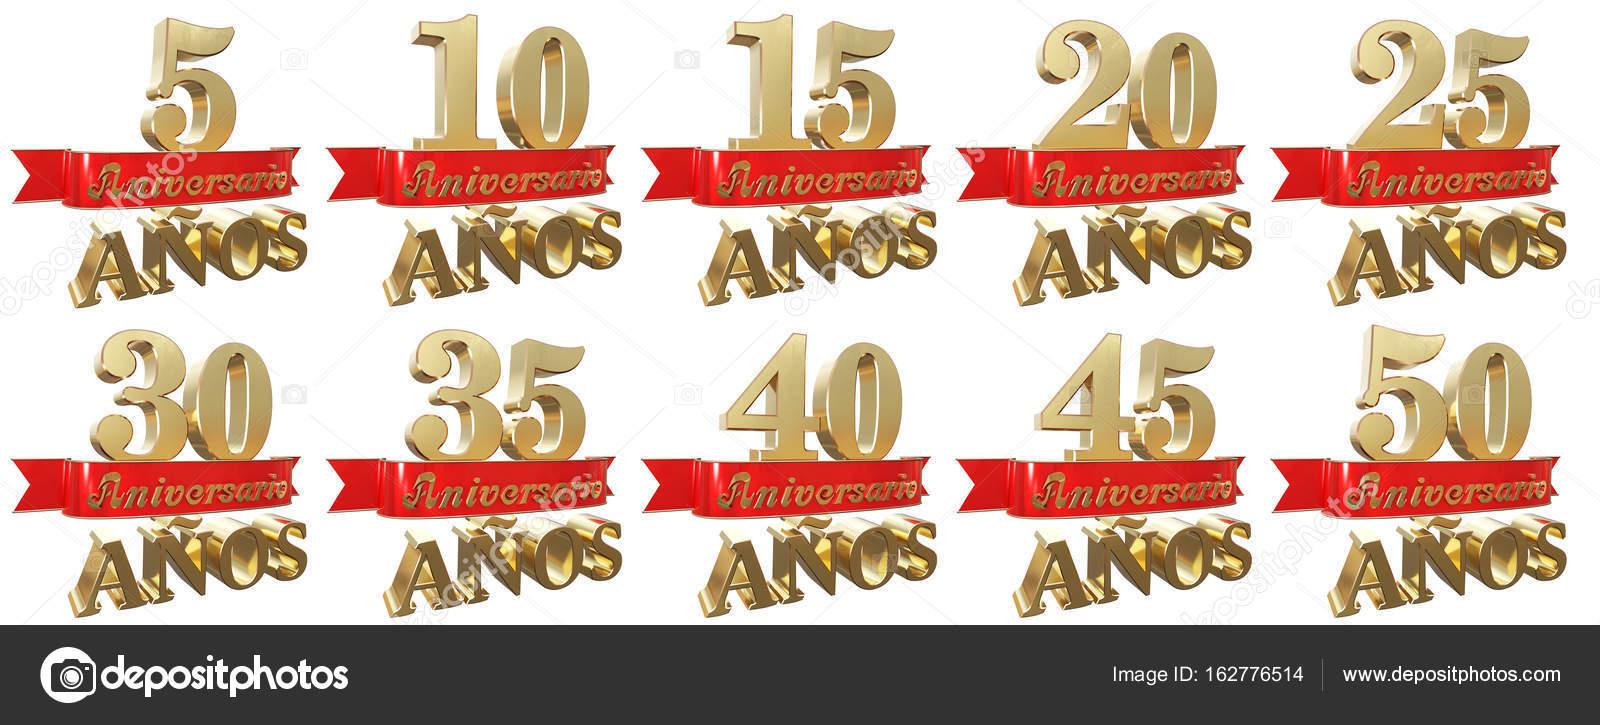 Satz Von Goldene Hochzeit Zeichen Symbole Ubersetzung Von Spanisch